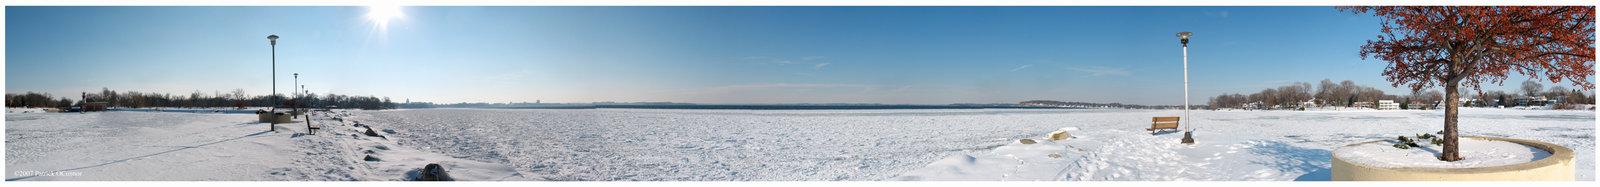 Lake Mendota Panoramic by cheeseheads